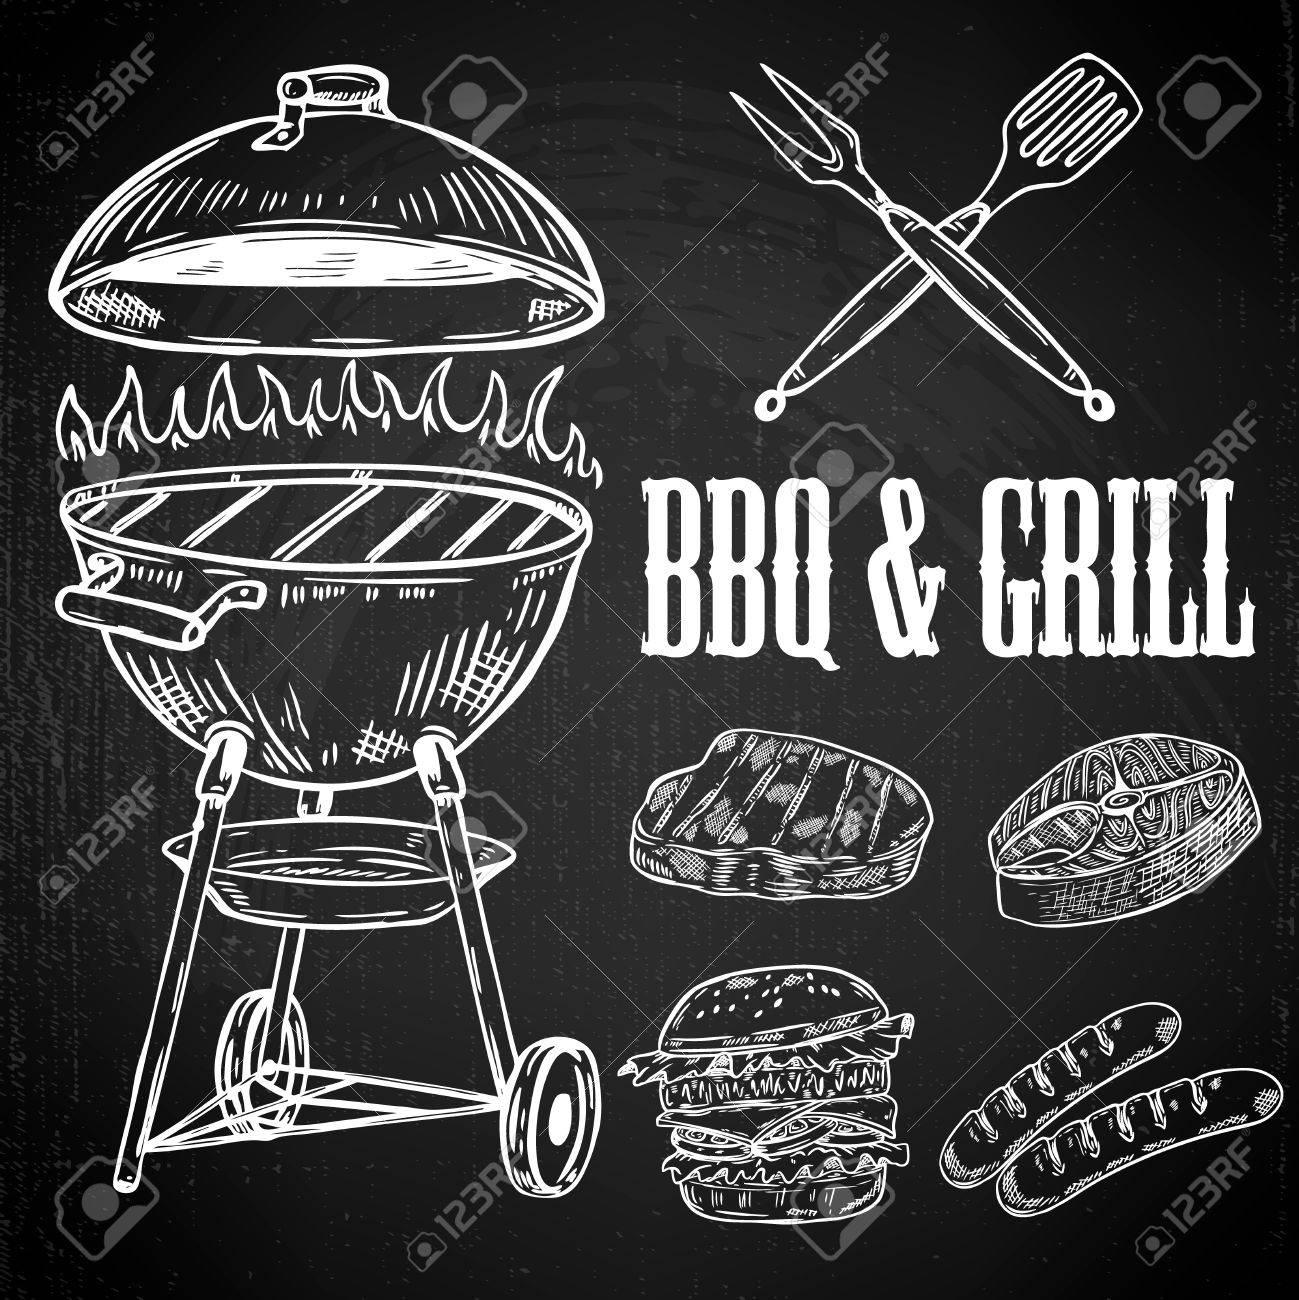 Léments De Conception Barbecue Et Grill Dessinés à La Main Viande Grillée Hamburger Saucisse éléments De Conception Pour Menu Affiche